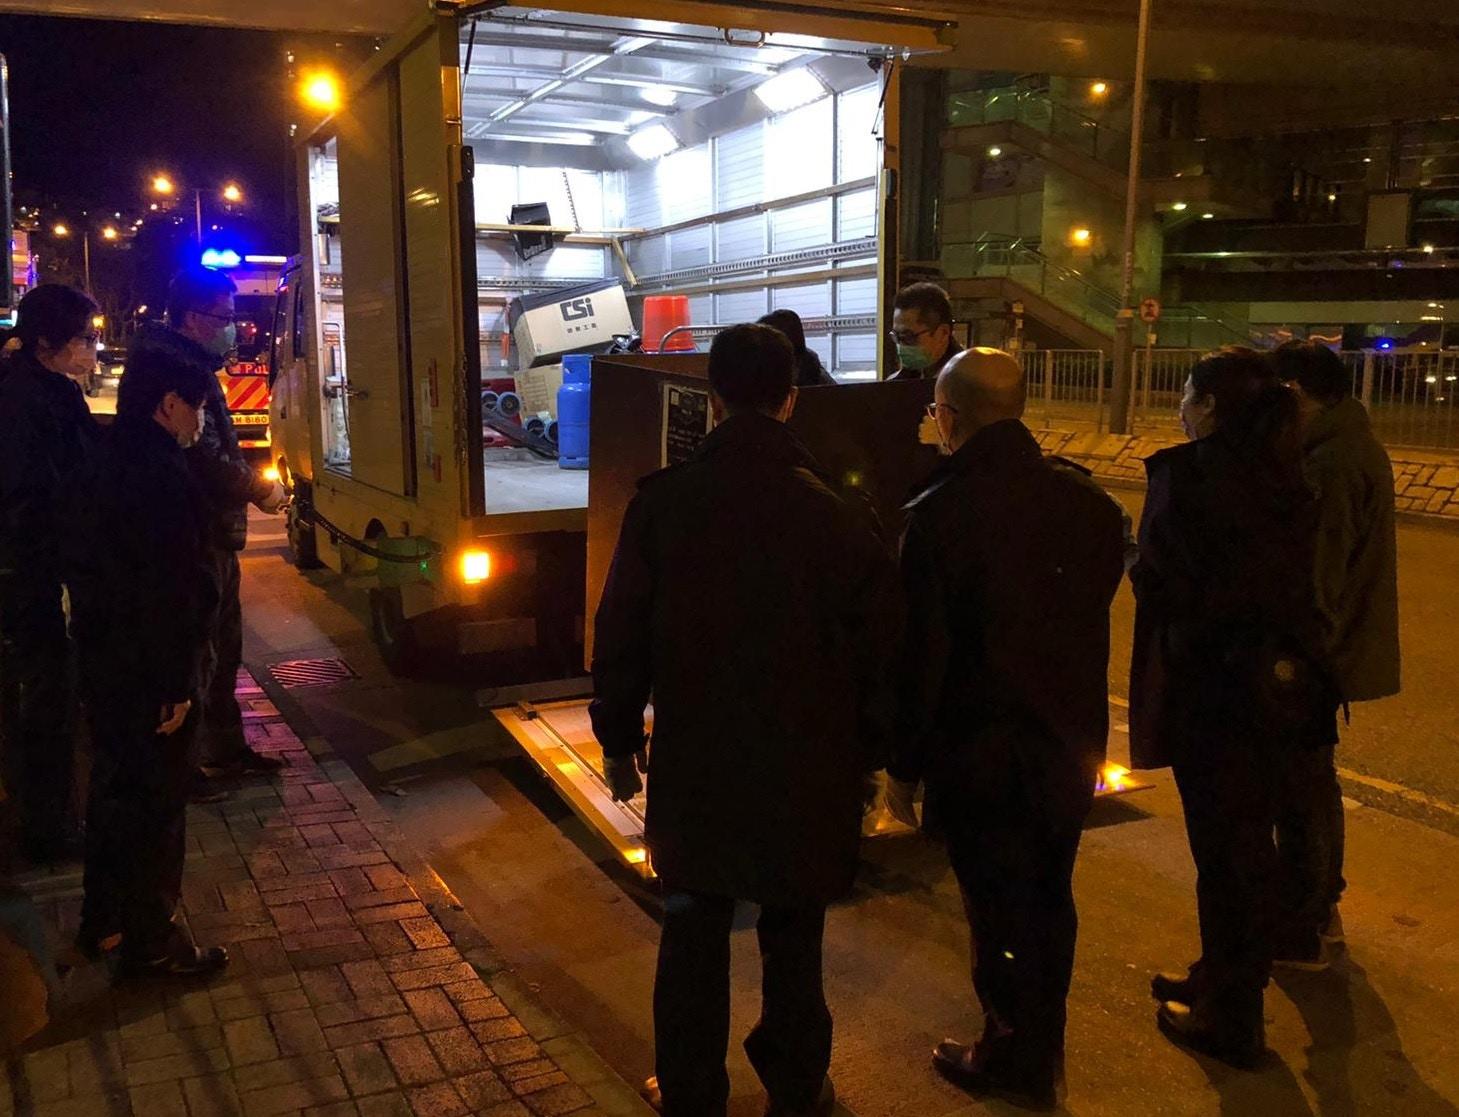 警聯食環署寶林邨打擊小販 拘3男檢流動熟食手推車|香港01|突發